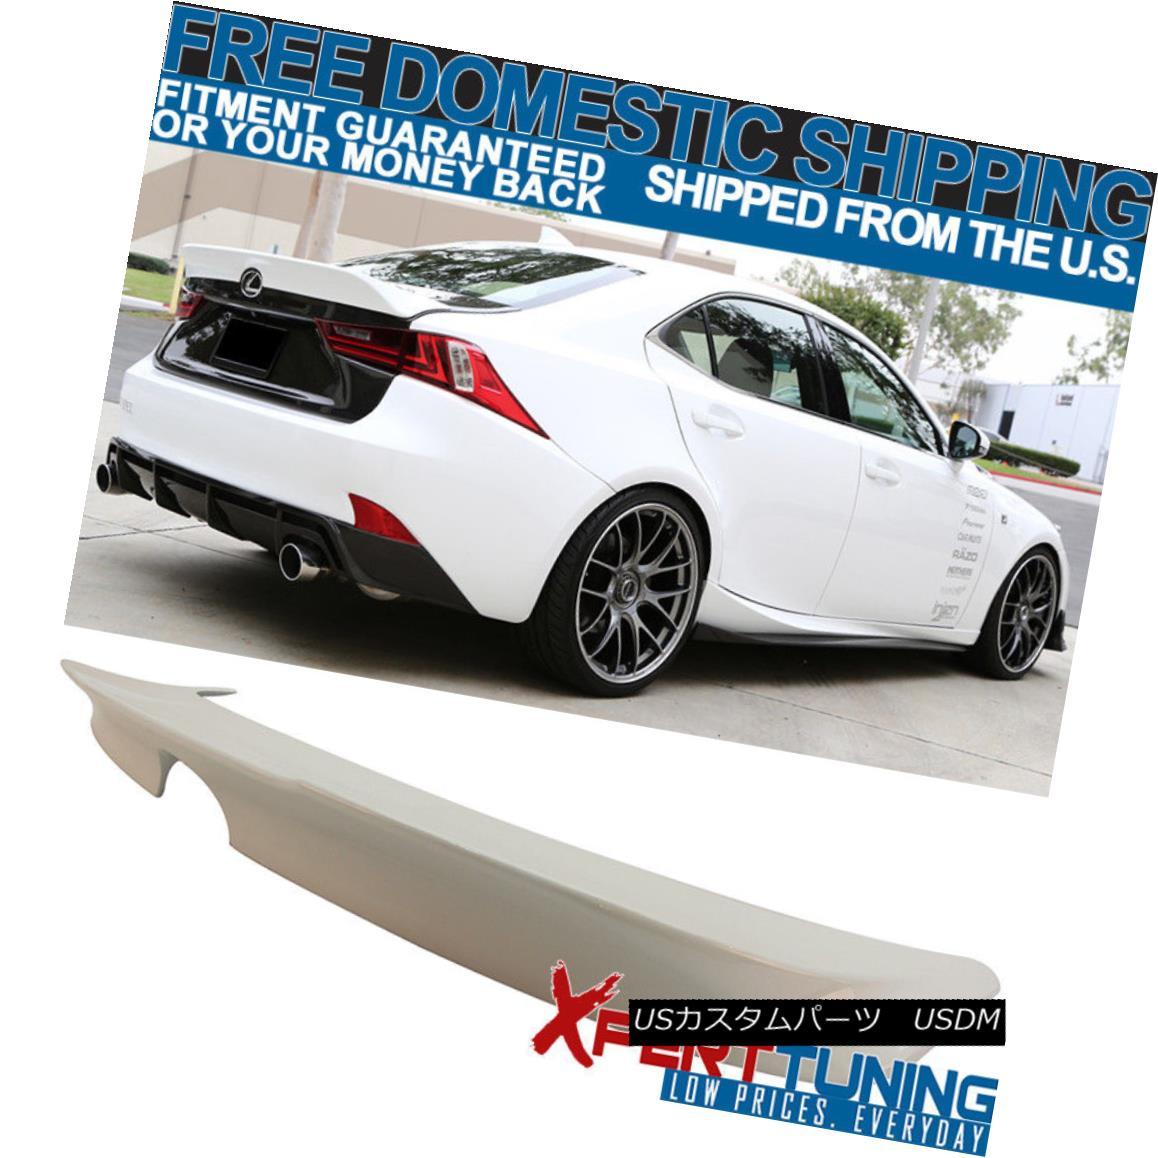 エアロパーツ Fit For 14-16 IS250 Painted Ultra White # 083 TRD Style Trunk Spoiler (ABS) 14-16 IS250塗装ウルトラホワイト#083 TRDスタイルトランクスポイラー(ABS)